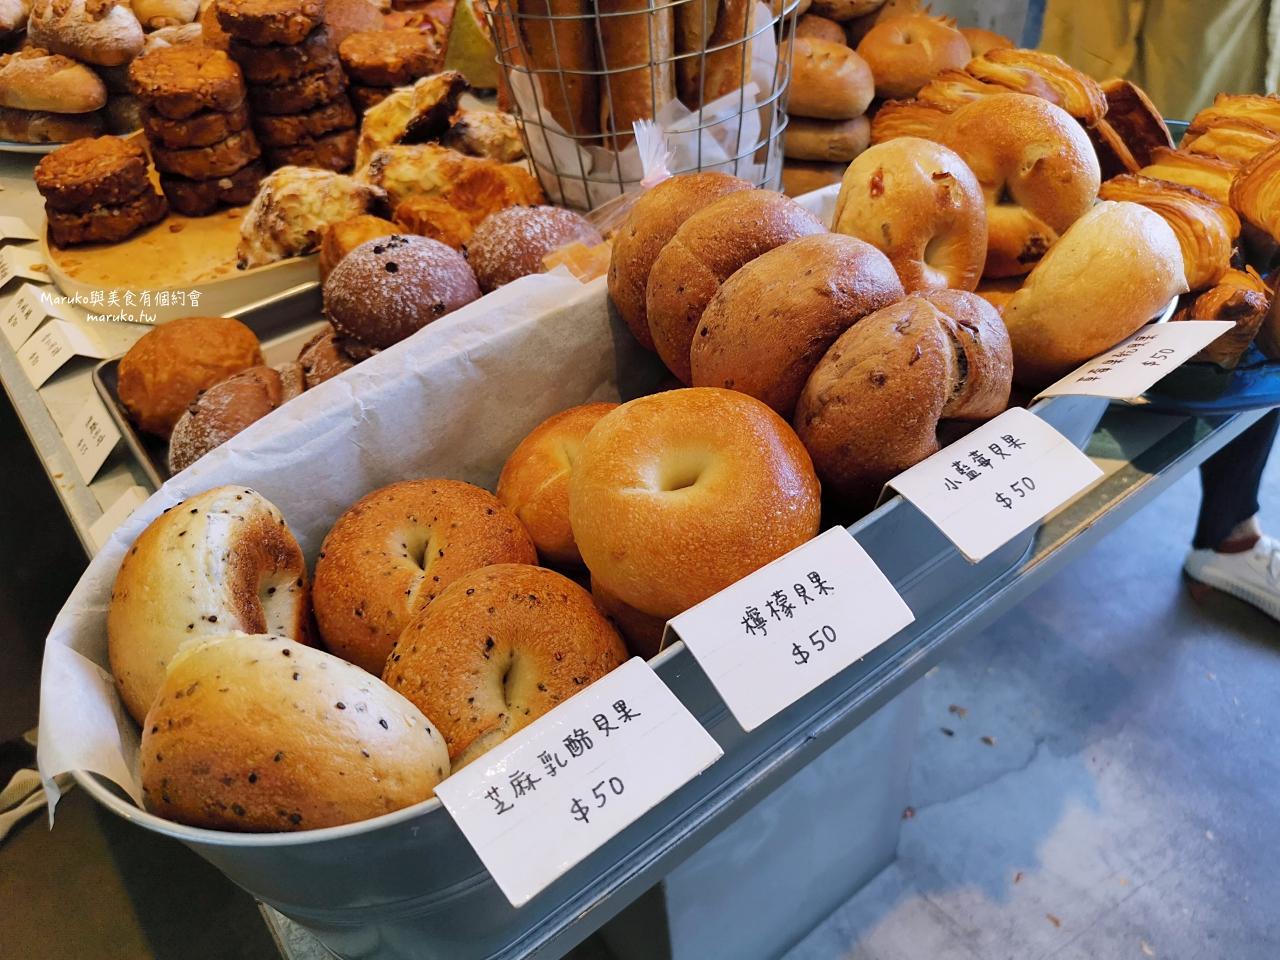 【屏東】美菊麵包  南國最美的人氣麵包店 麵包堆得像山一樣高 @Maruko與美食有個約會